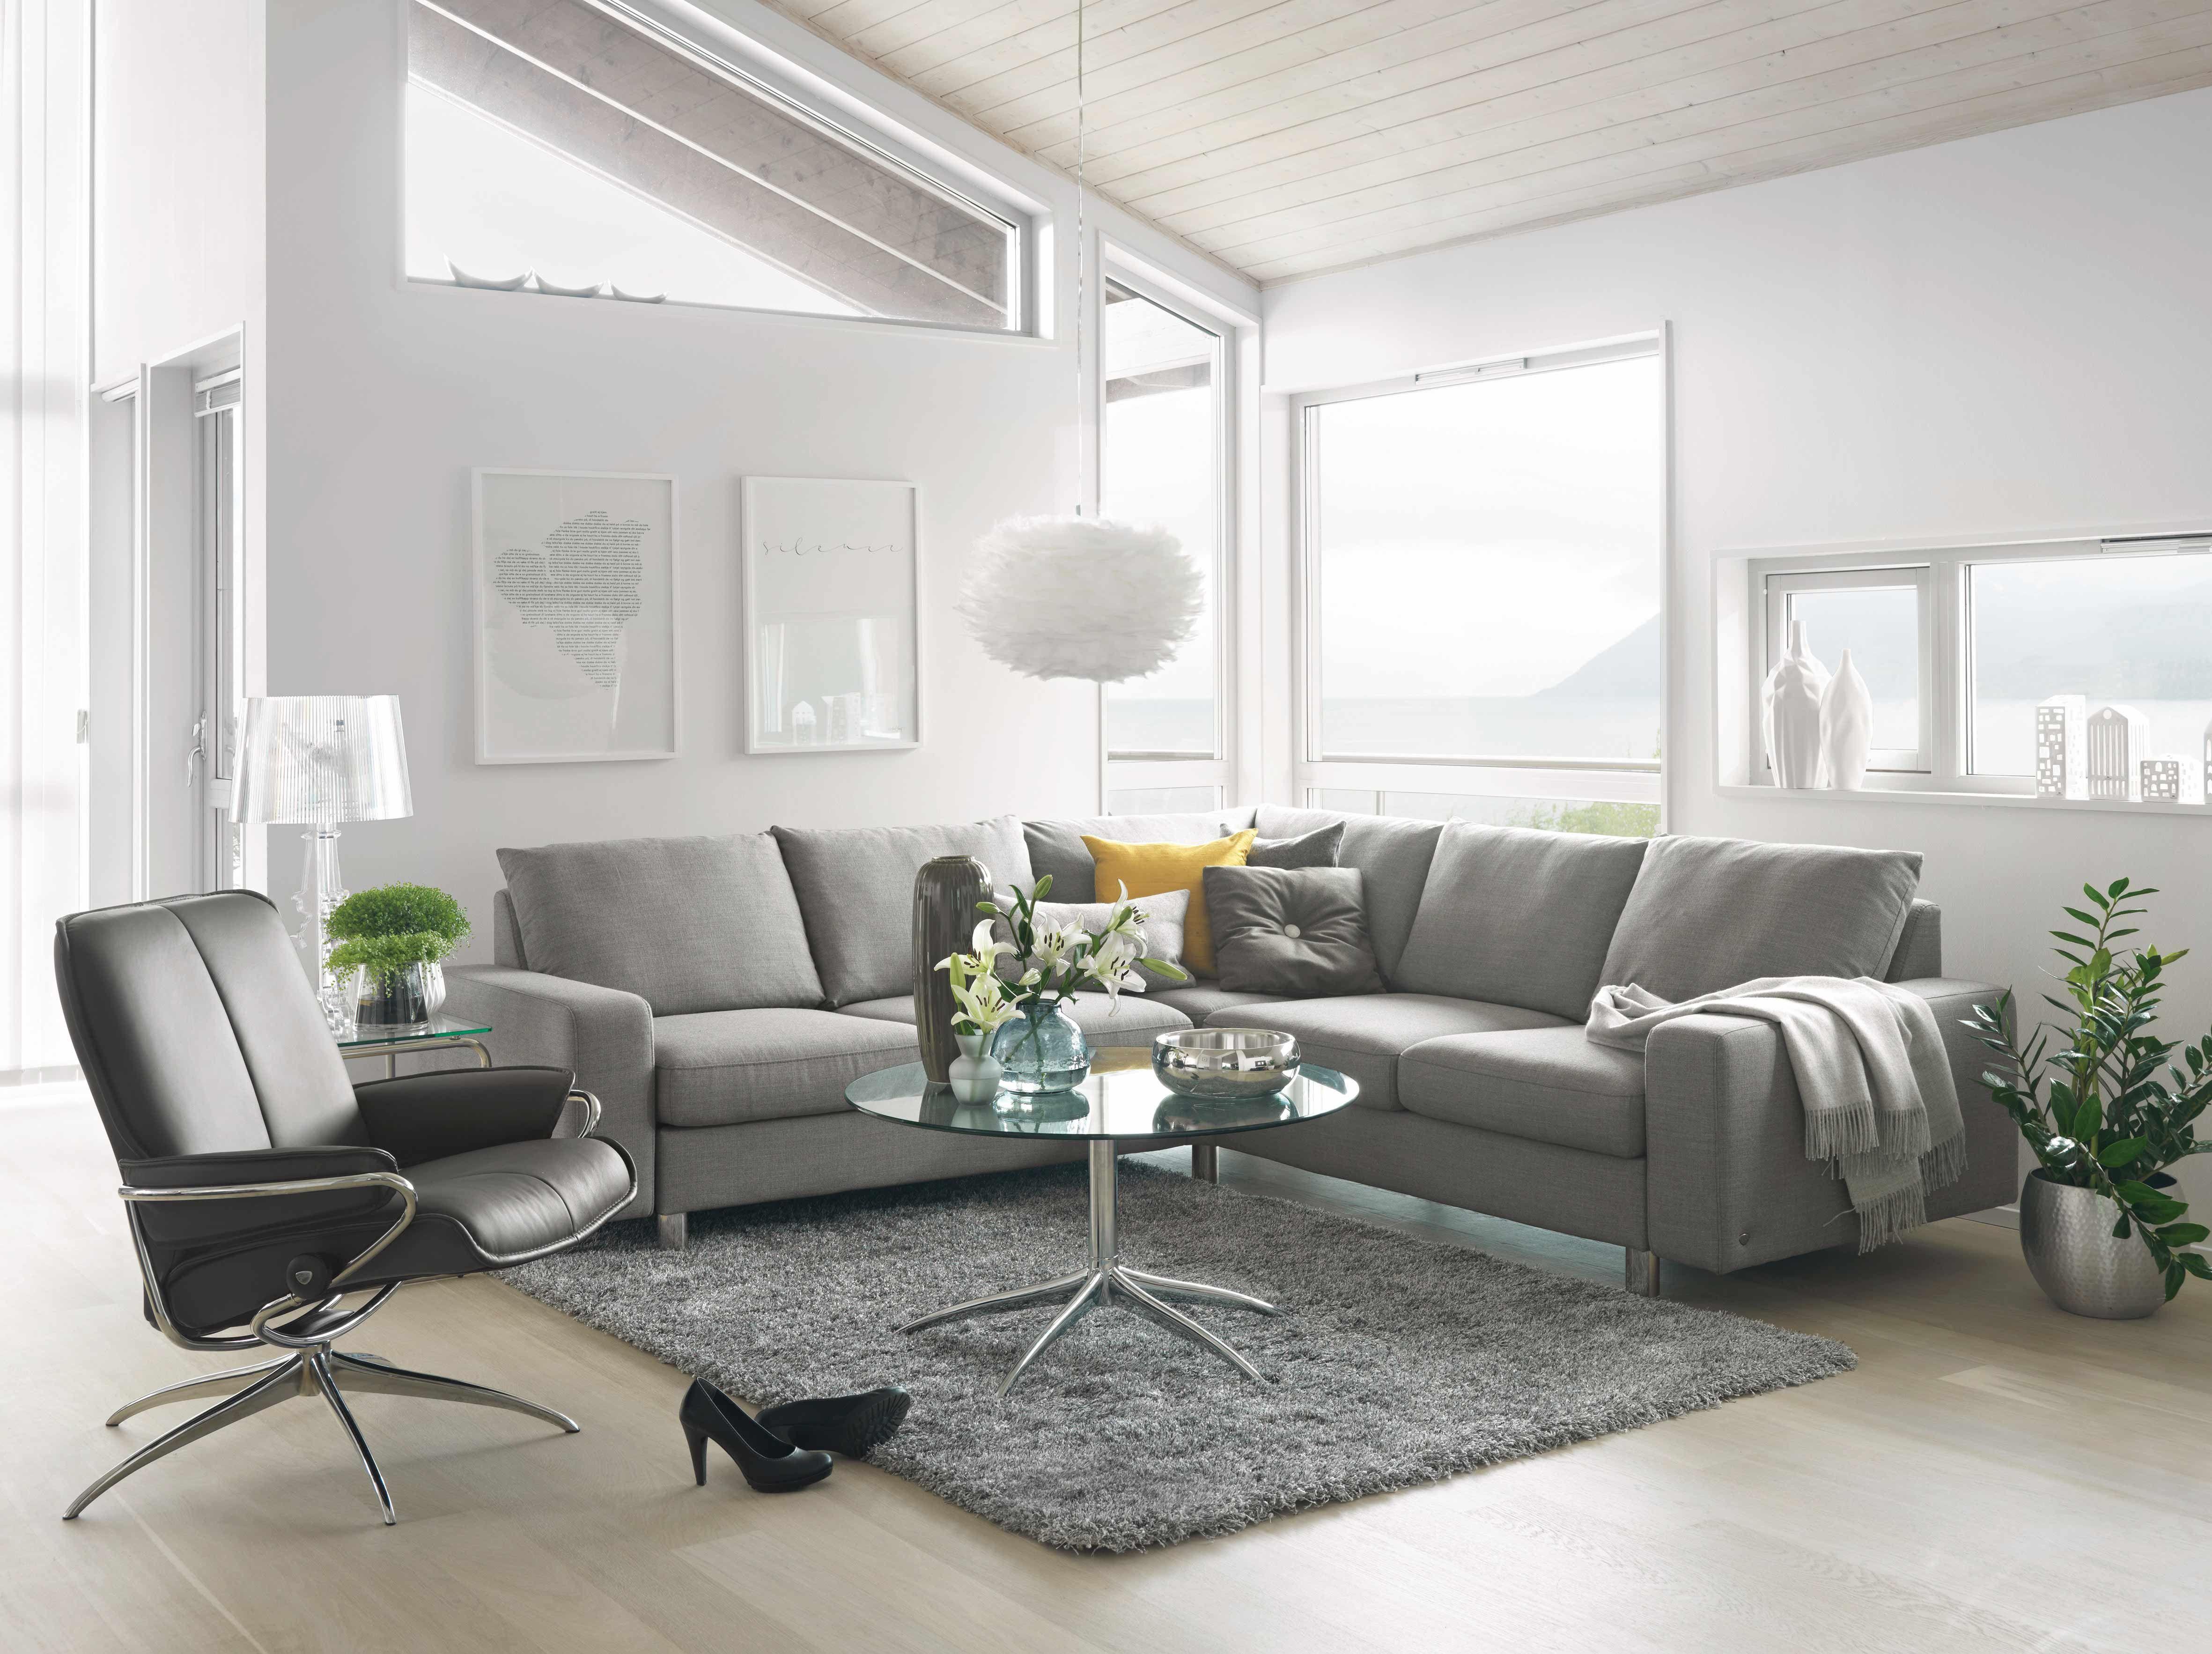 Musta tuoli ja vaalea  sohva, harmaa matto